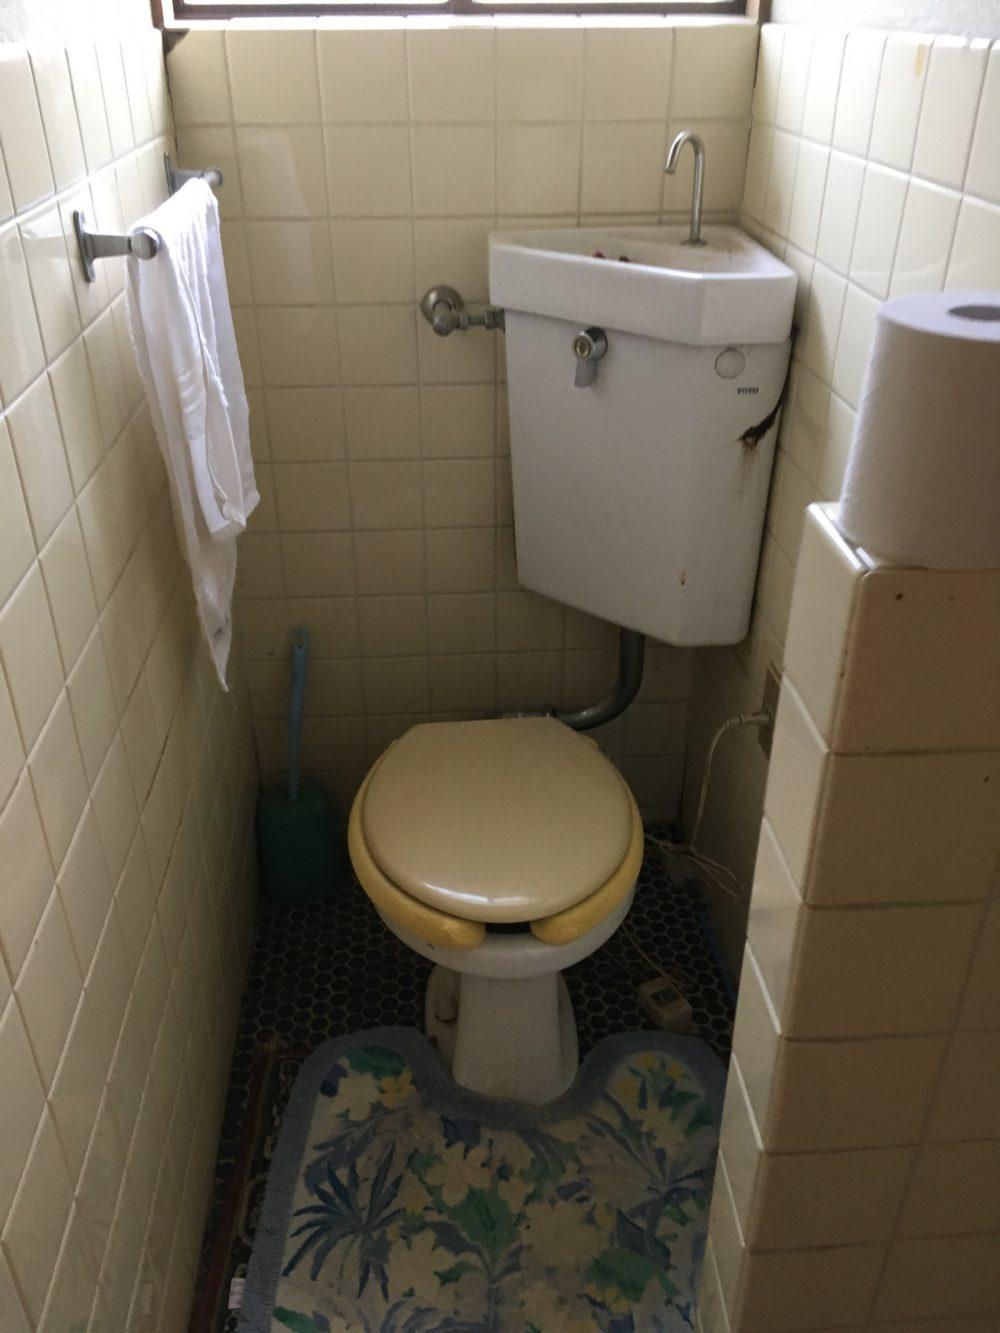 前橋市I様邸にトイレの現場調査に伺いしました!